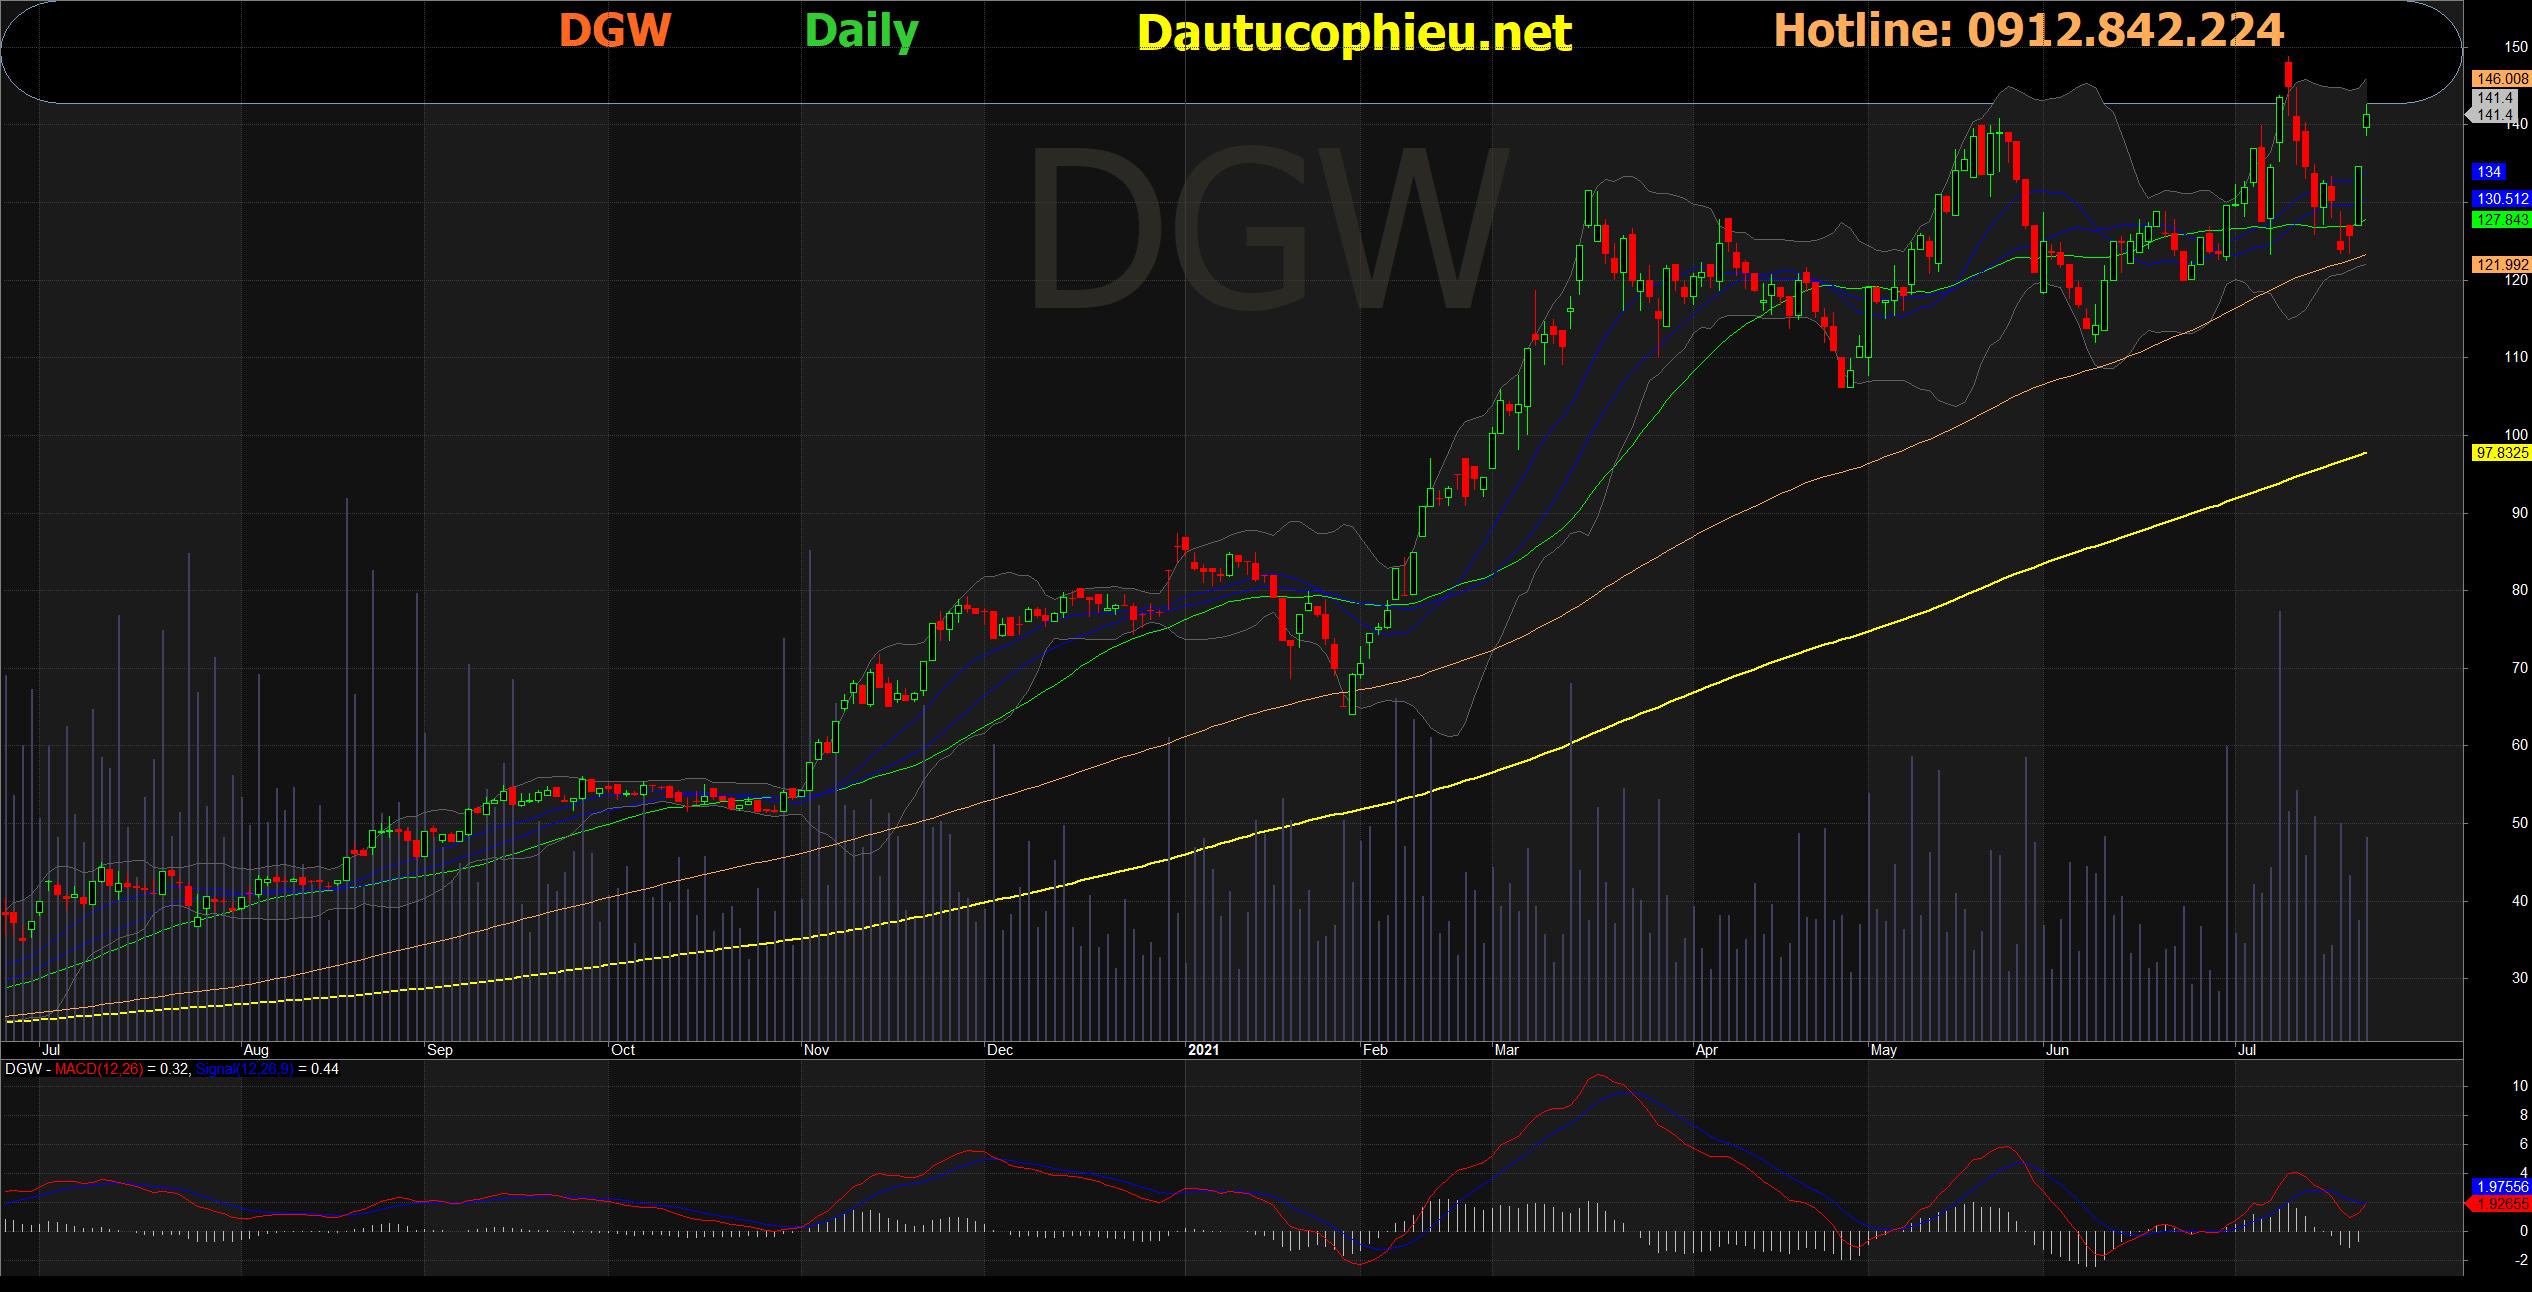 Đồ thị cổ phiếu DGW phiên giao dịch ngày 22/07/2021. Nguồn: AmiBroker